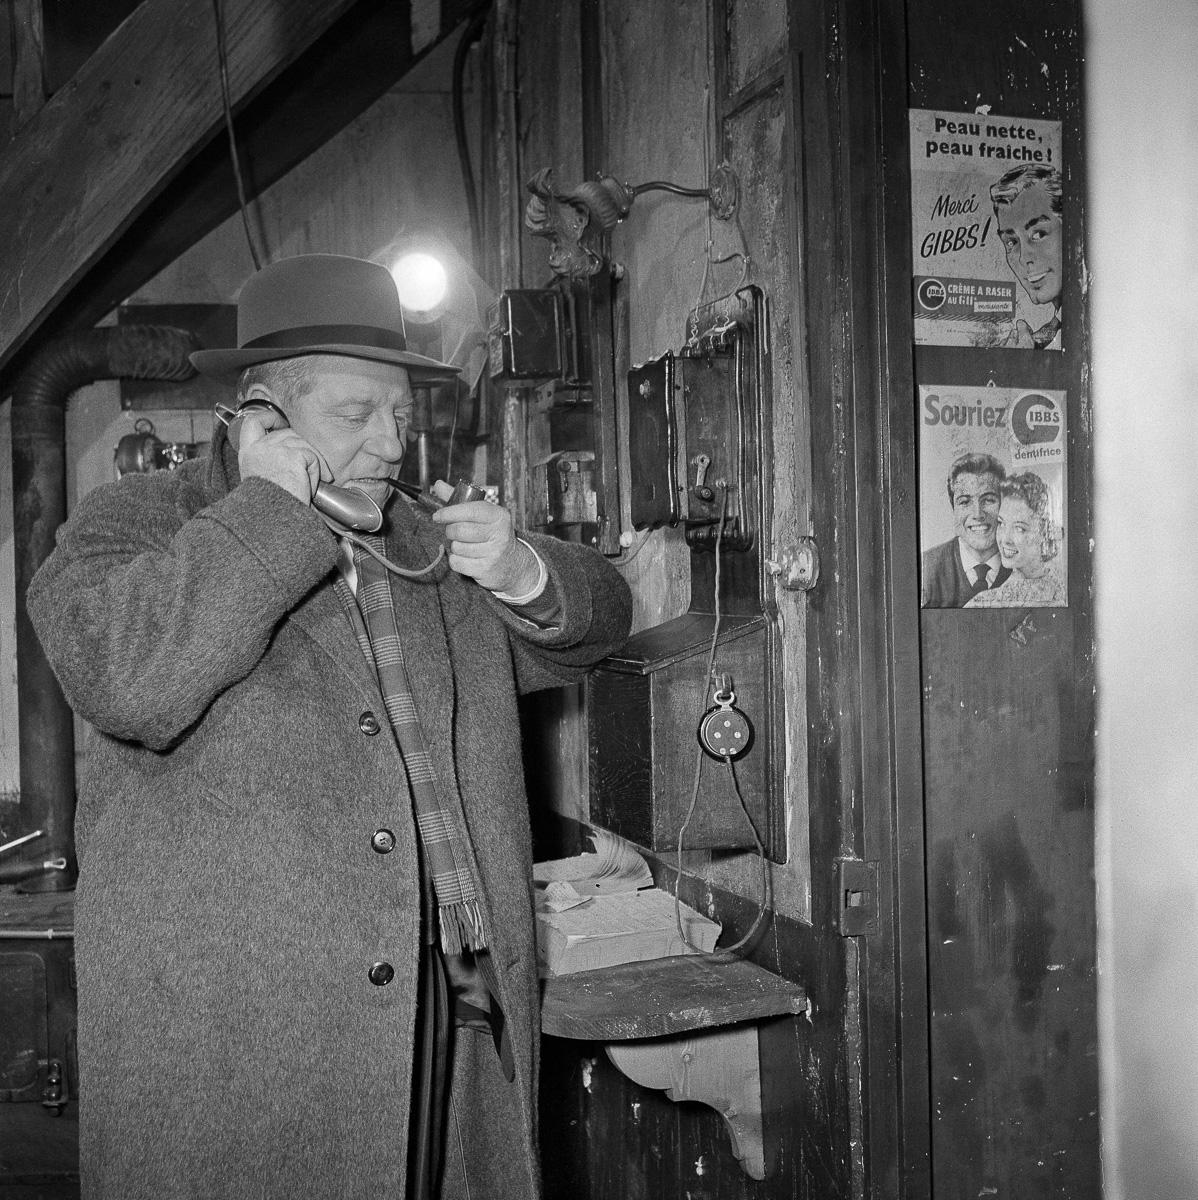 """""""Maigret et l'Affaire Saint-Fiacre"""", film de Jean Delannoy, d'après le roman de Georges Simenon. Jean Gabin."""